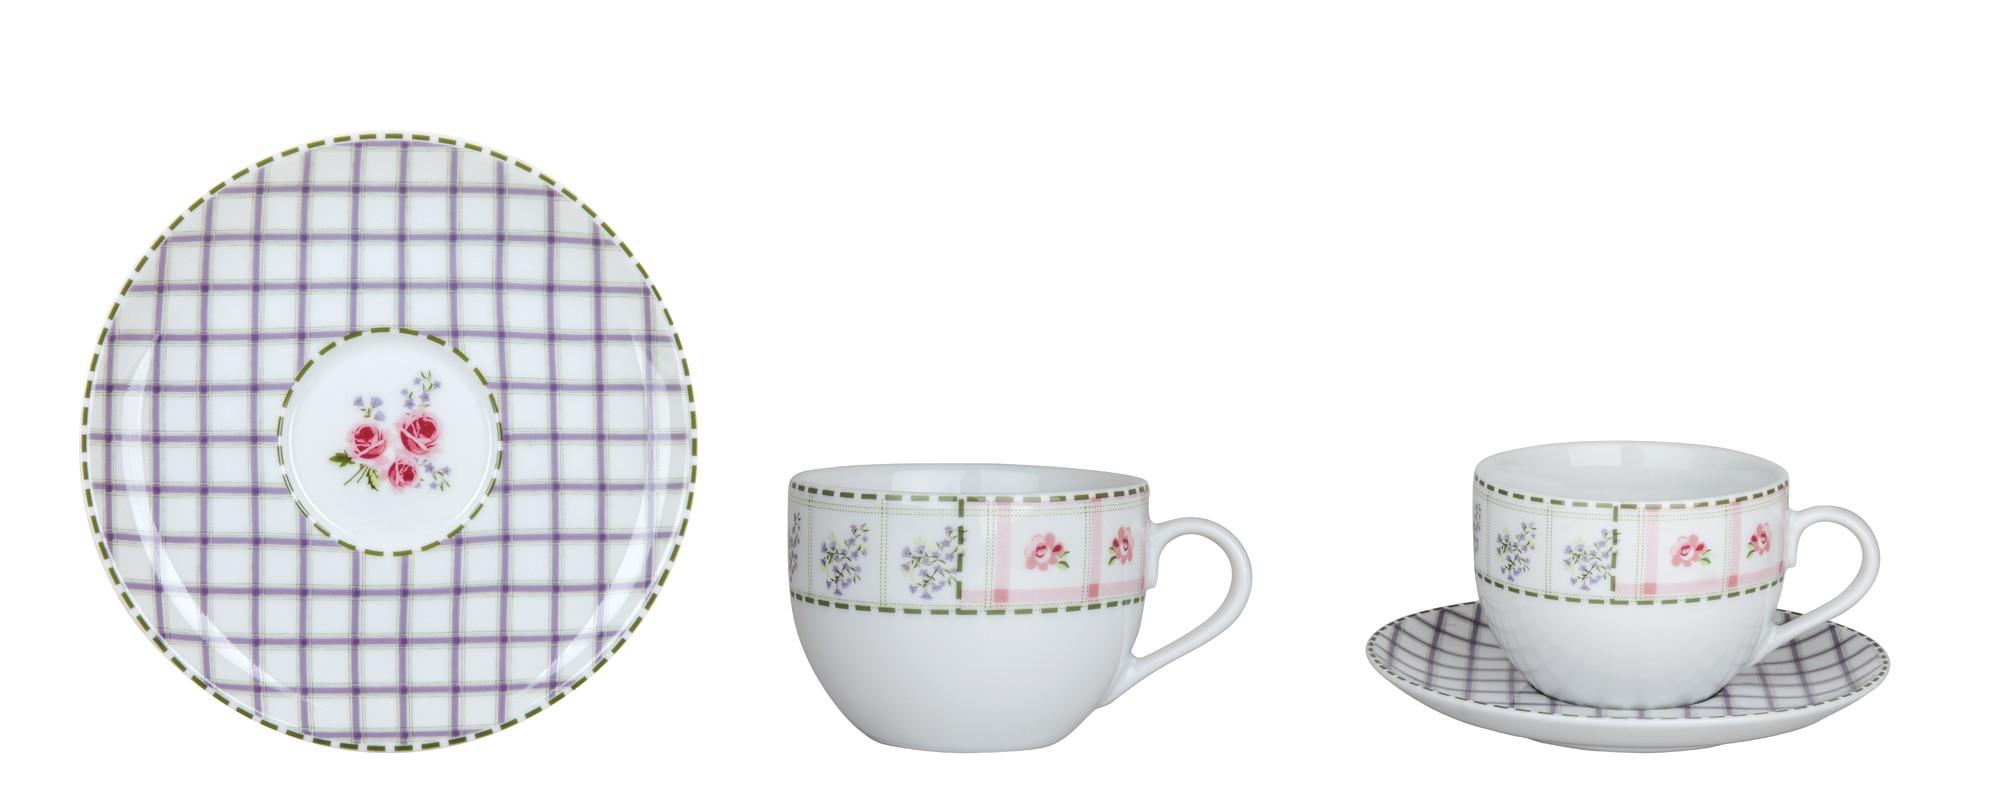 Φλυτζάνι & Πιάτο Τσαγιού Patchwork Σετ 6τμχ Ionia home   ειδη cafe τσαϊ   κούπες   φλυτζάνια